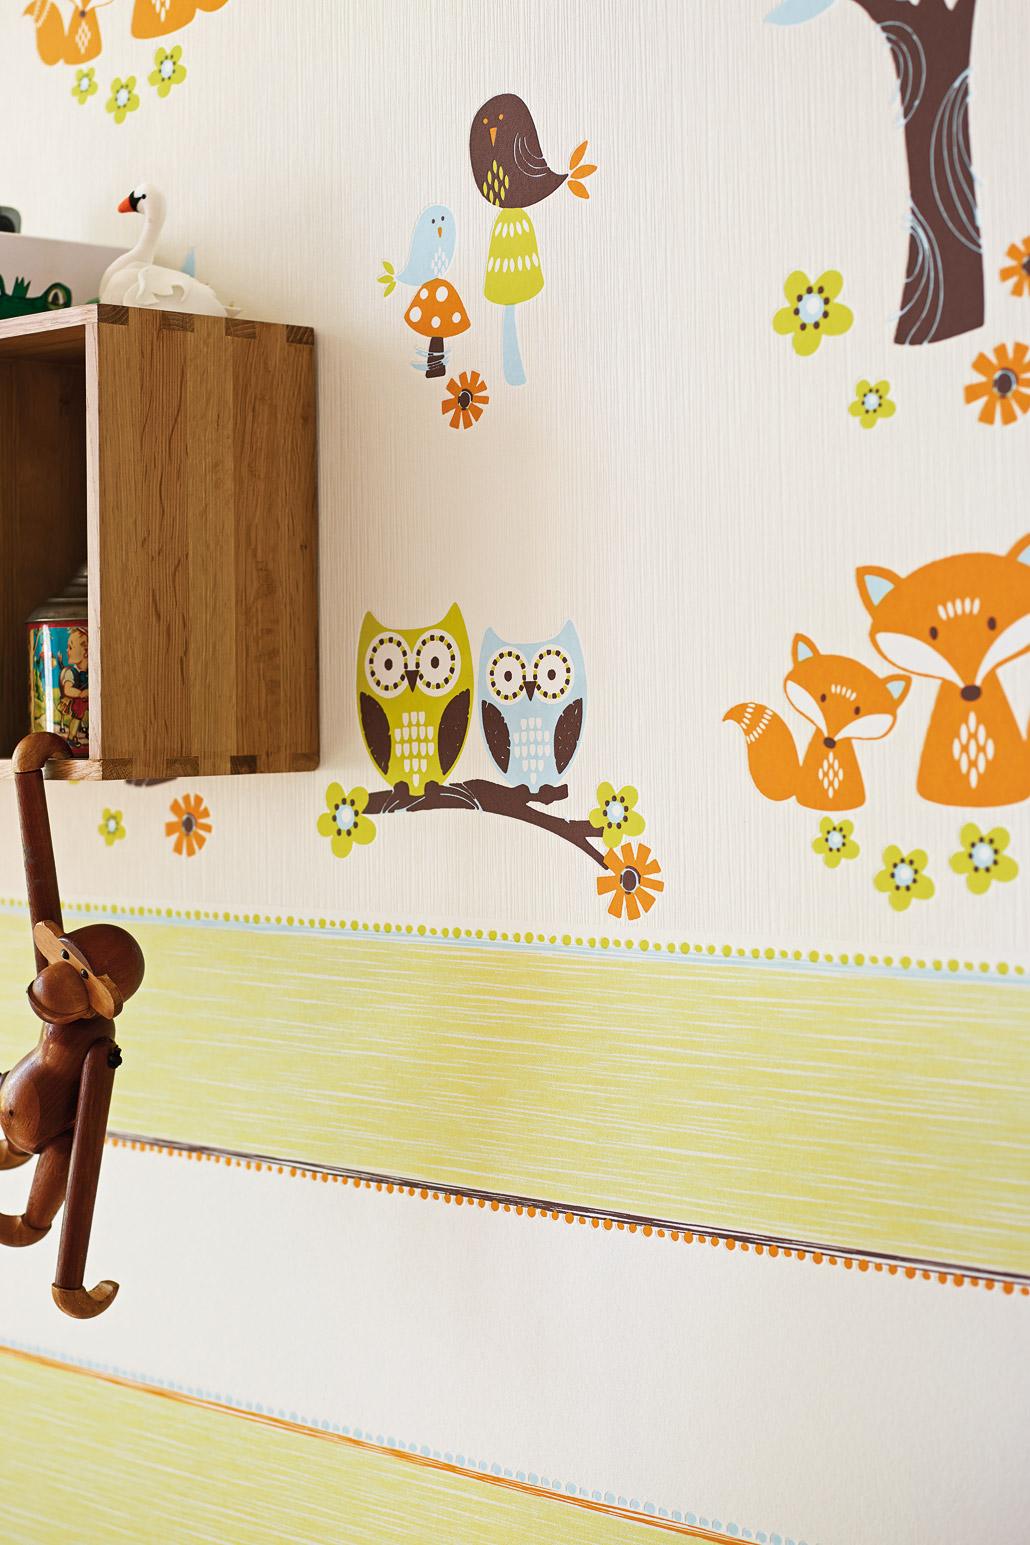 Eulen und Füchse im Kinderzimmer - BerlinFreckles • Reiseblog & Mamablog